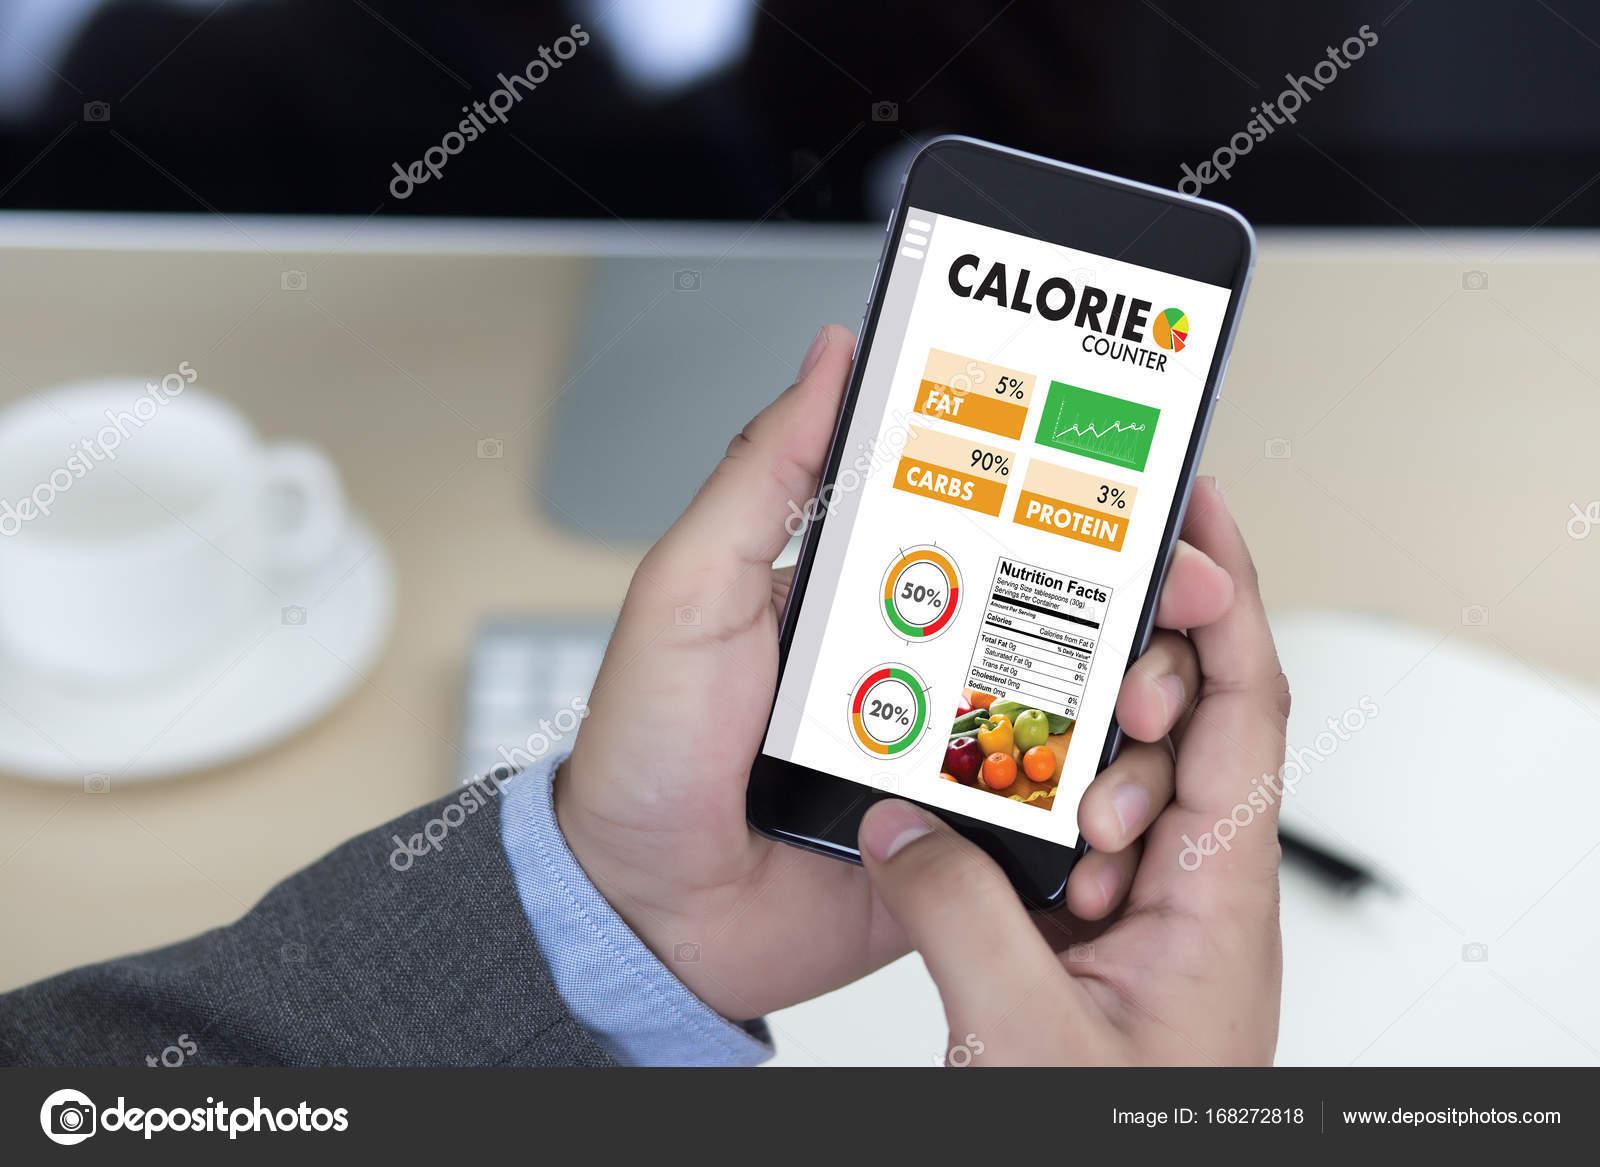 Die Kalorii Liczenia Licznik Aplikacji Medycznych Zdrowe Jedzenie